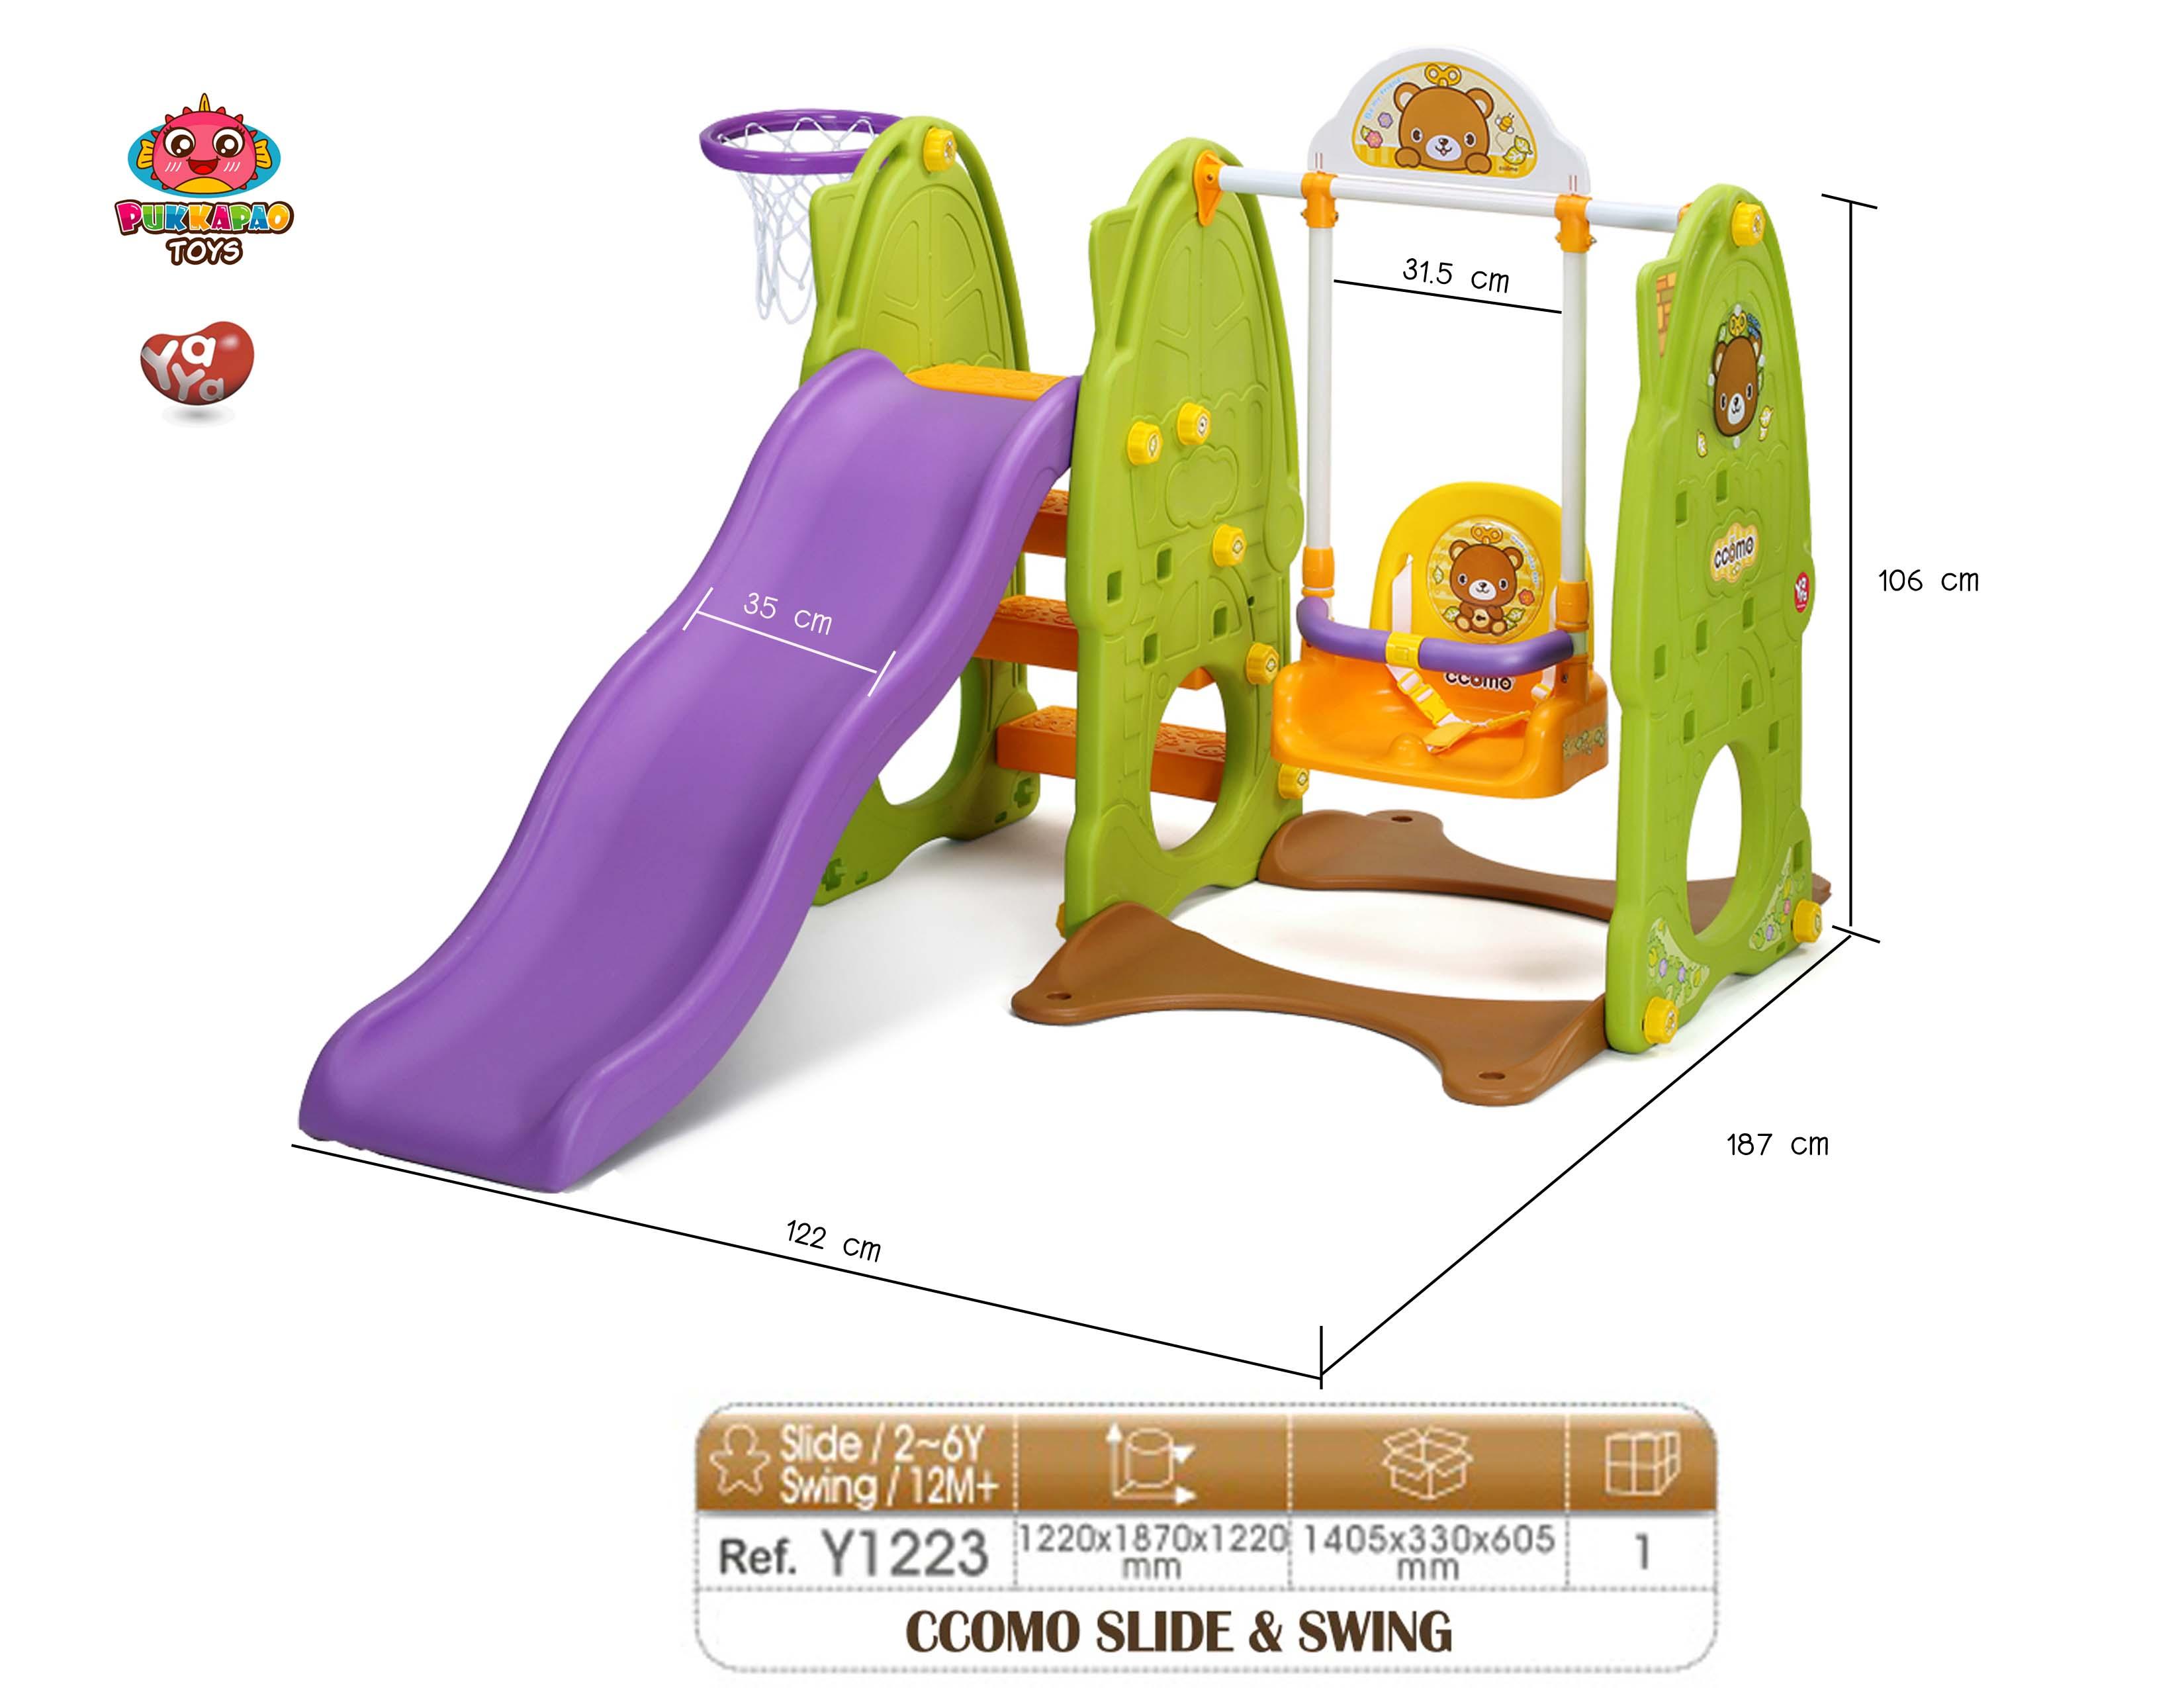 สินค้าเลิกจำหน่าย ถาวร ชิงช้า สไลเดอร์ เกาหลี Yaya CCOMO Slide & Swing สีเขียว